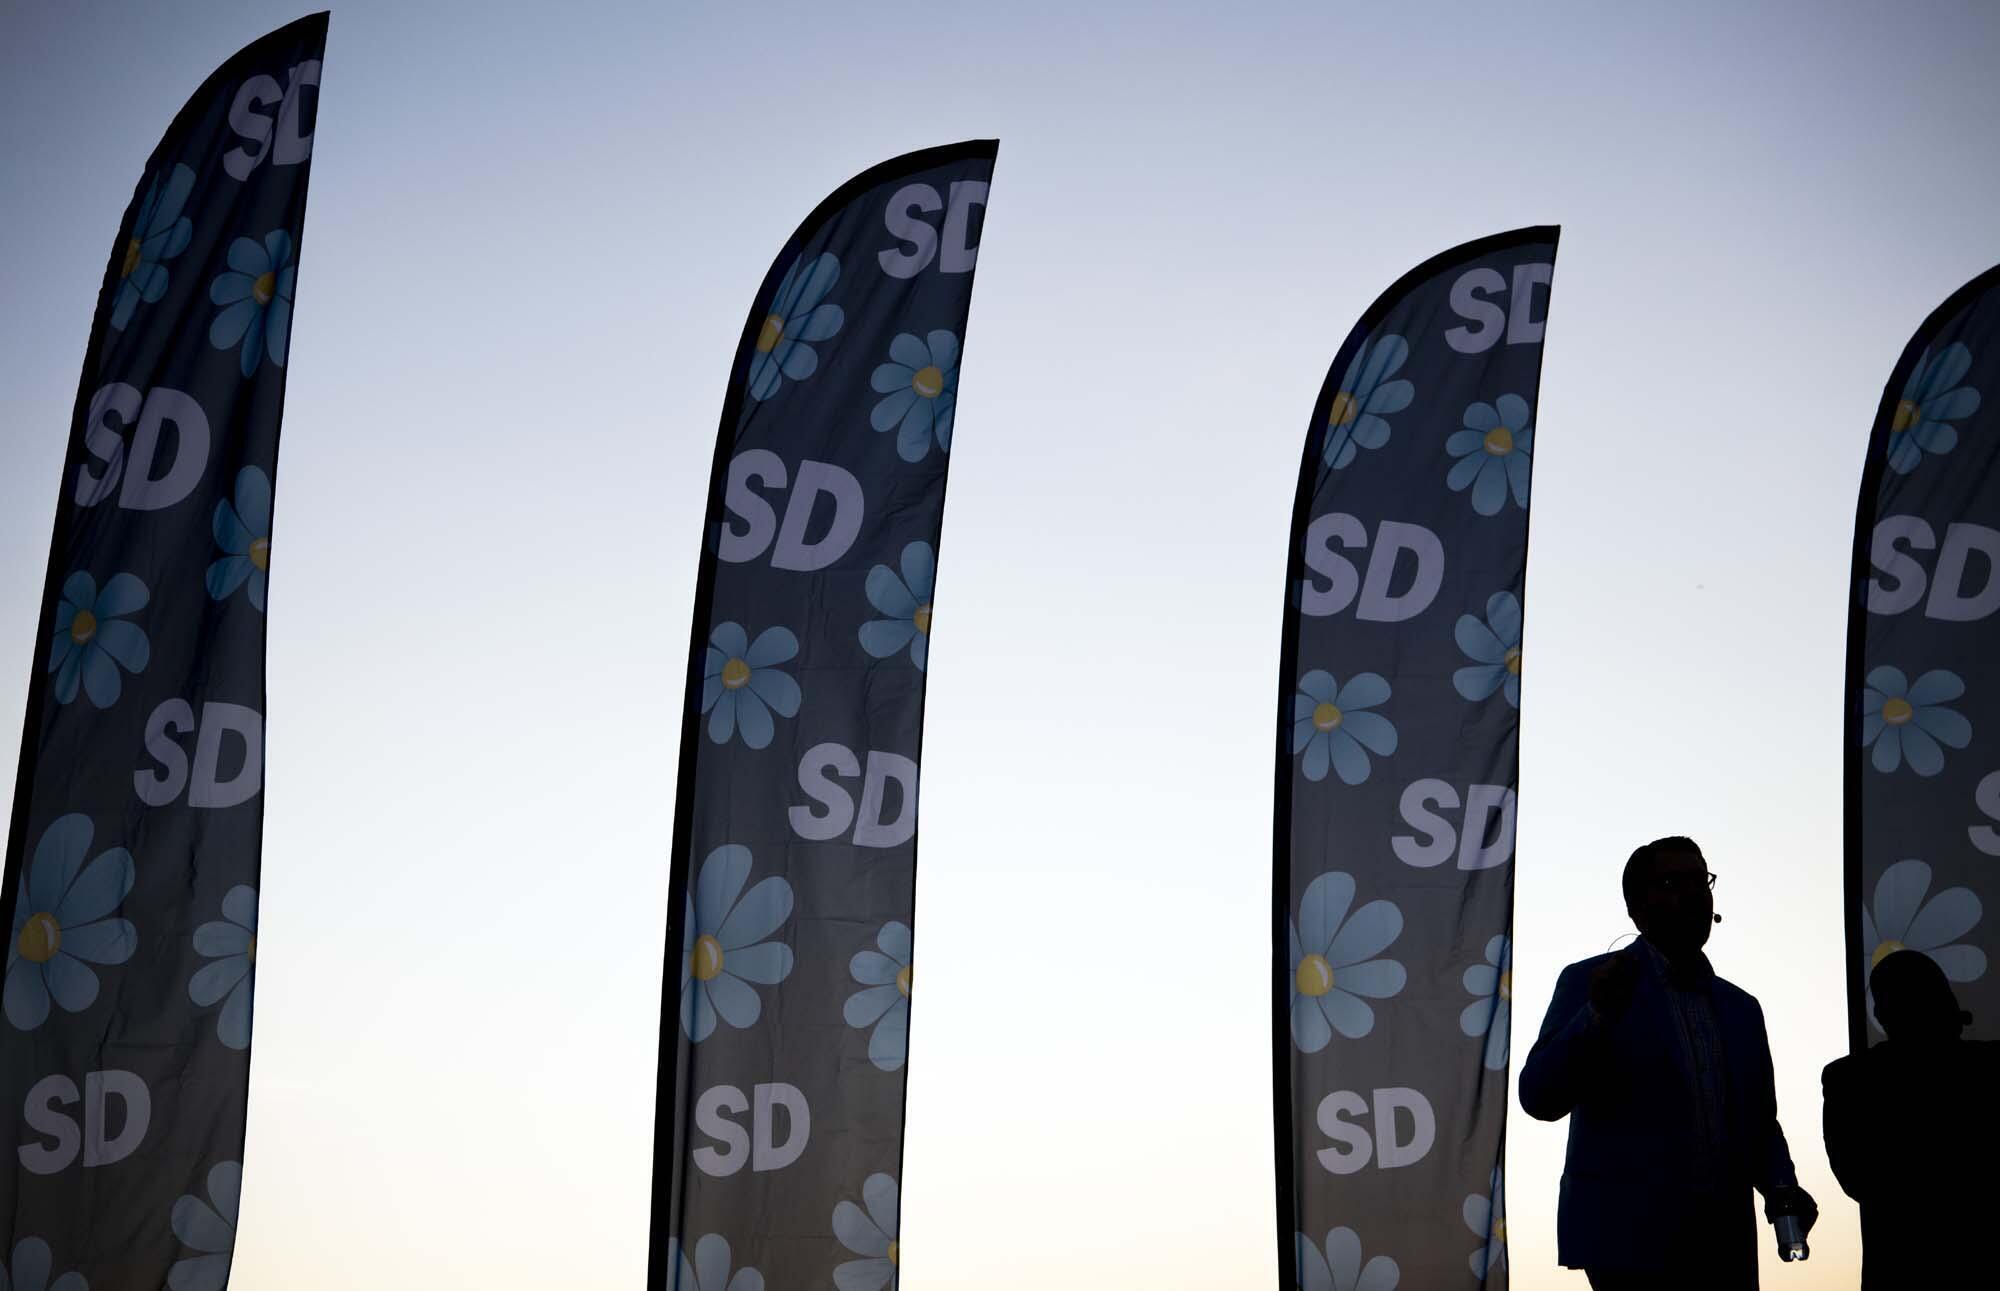 Les résultats des élections législatives suédoises, du dimanche 9 septembre, donnent la gauche et la droite au coude à coude, alors que l'extrême droite progresse.